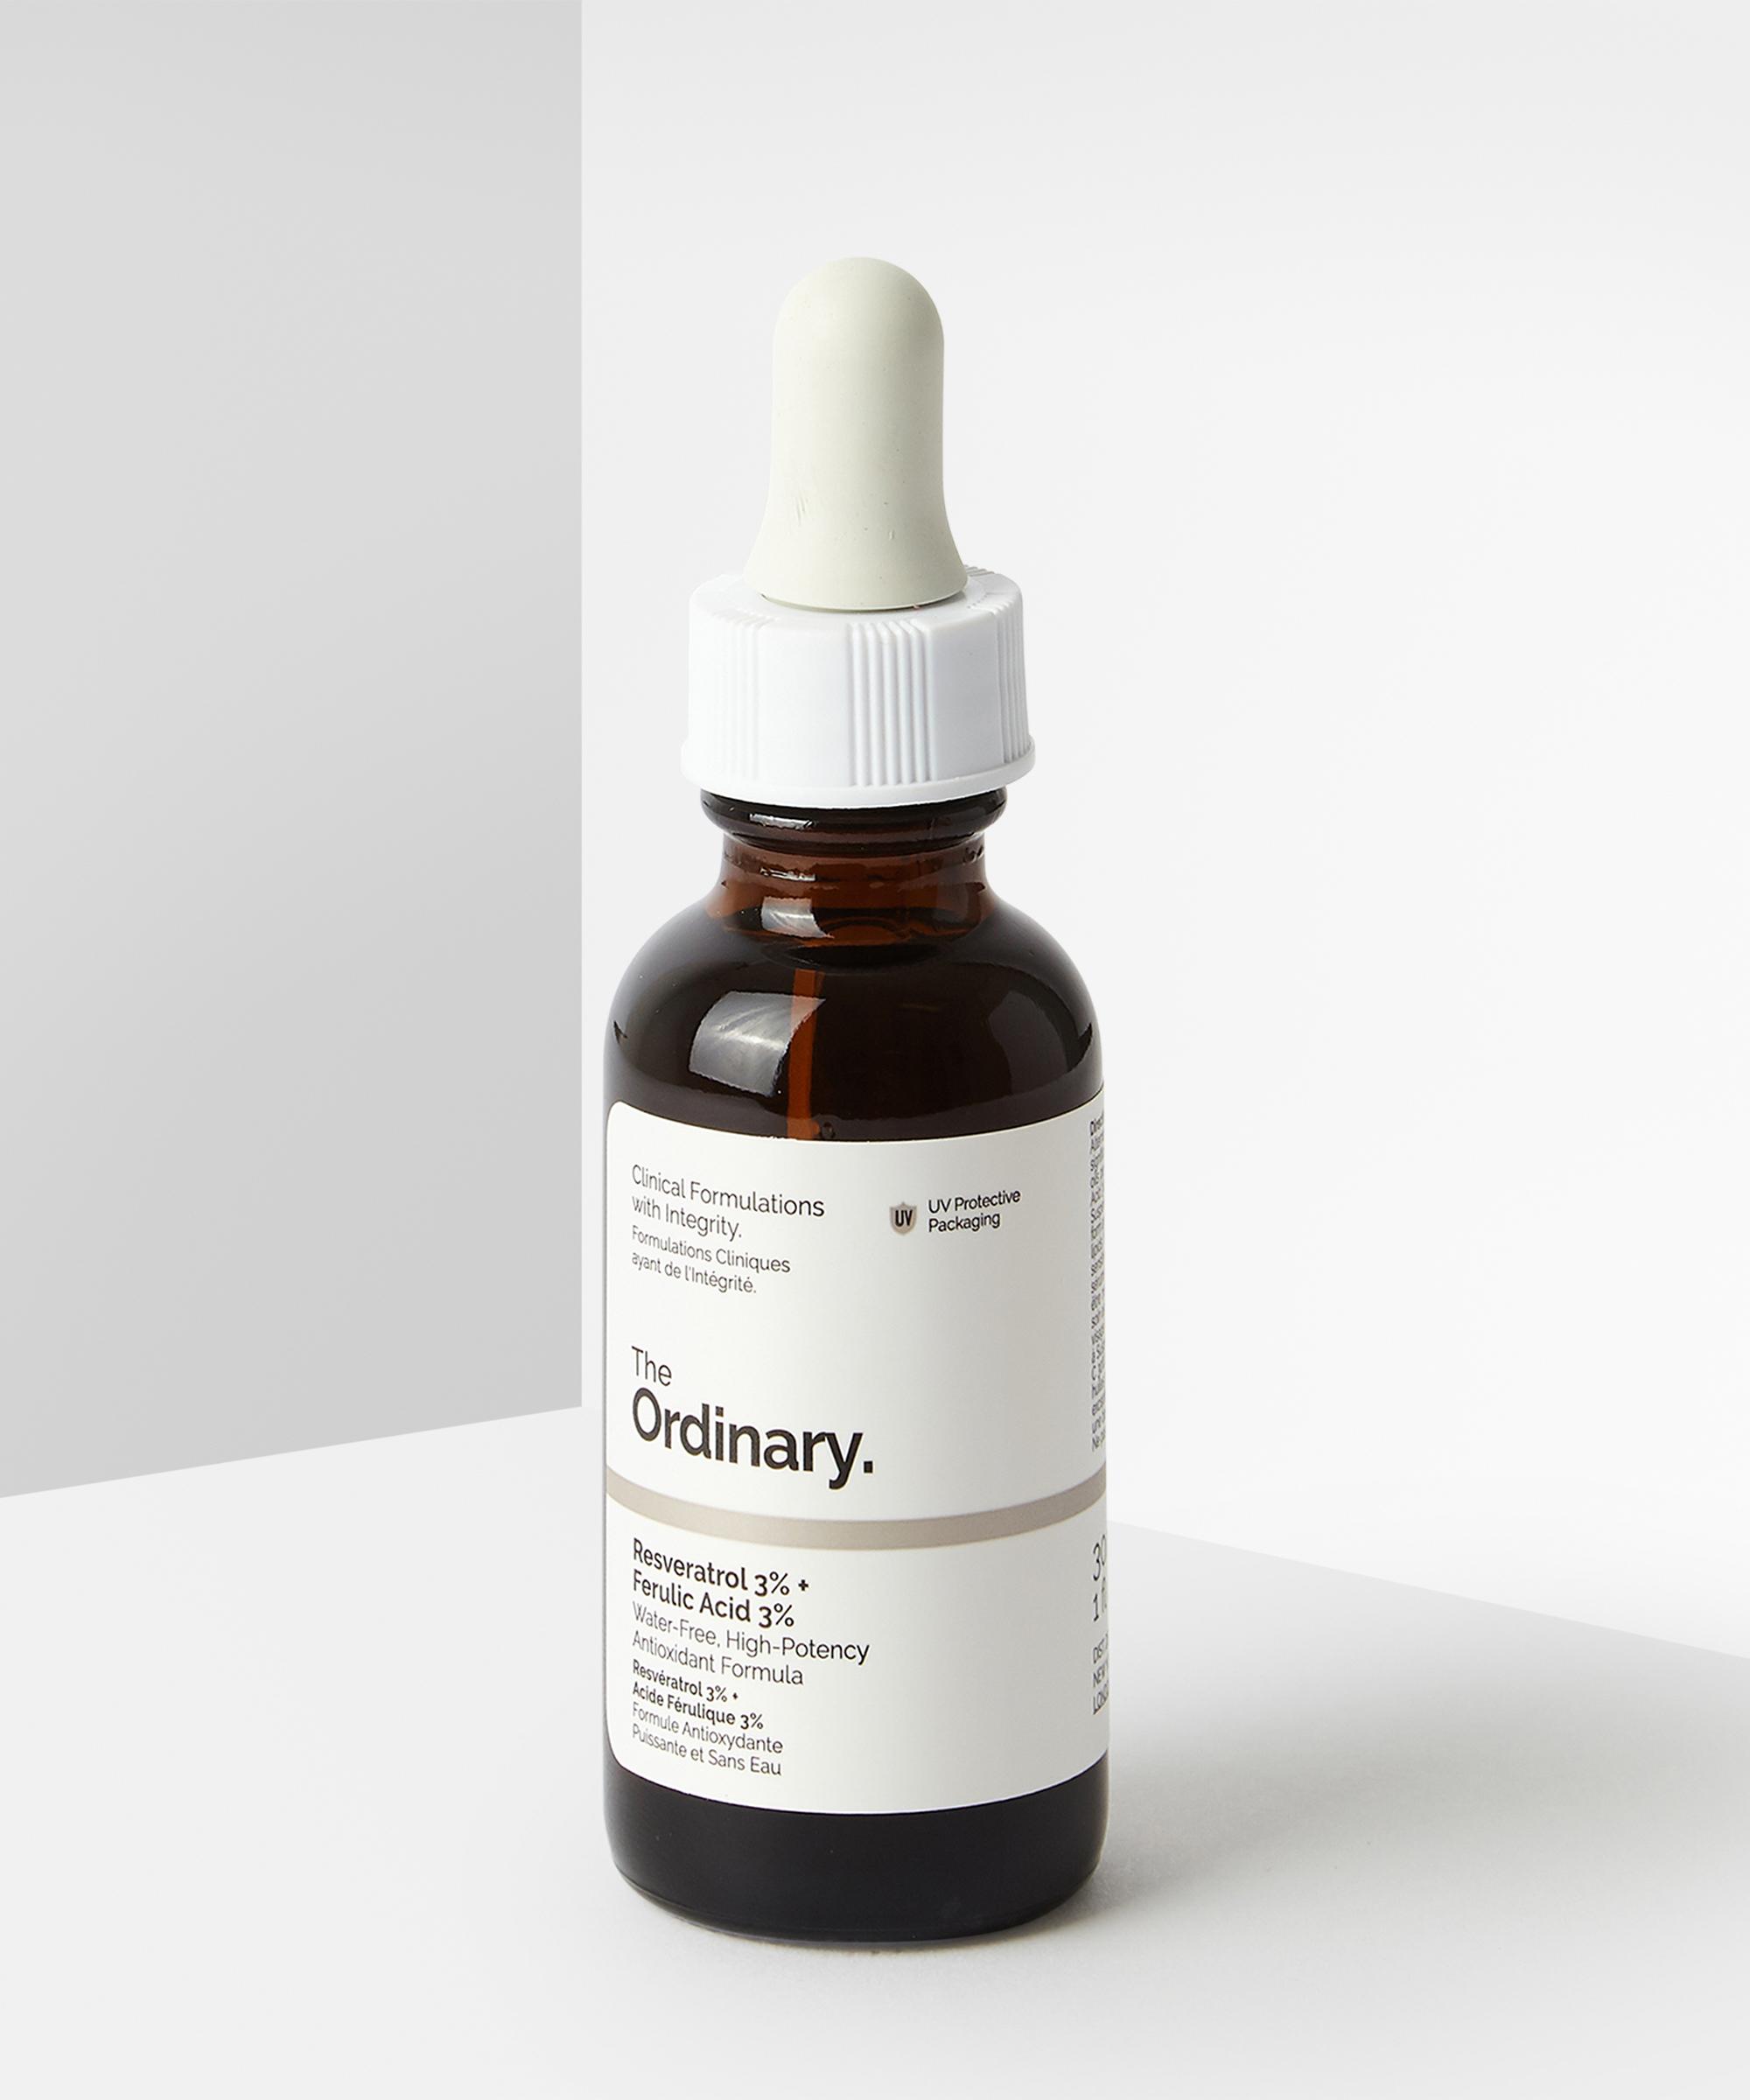 The Ordinary Resveratrol 3 Ferulic Acid 3 At Beauty Bay